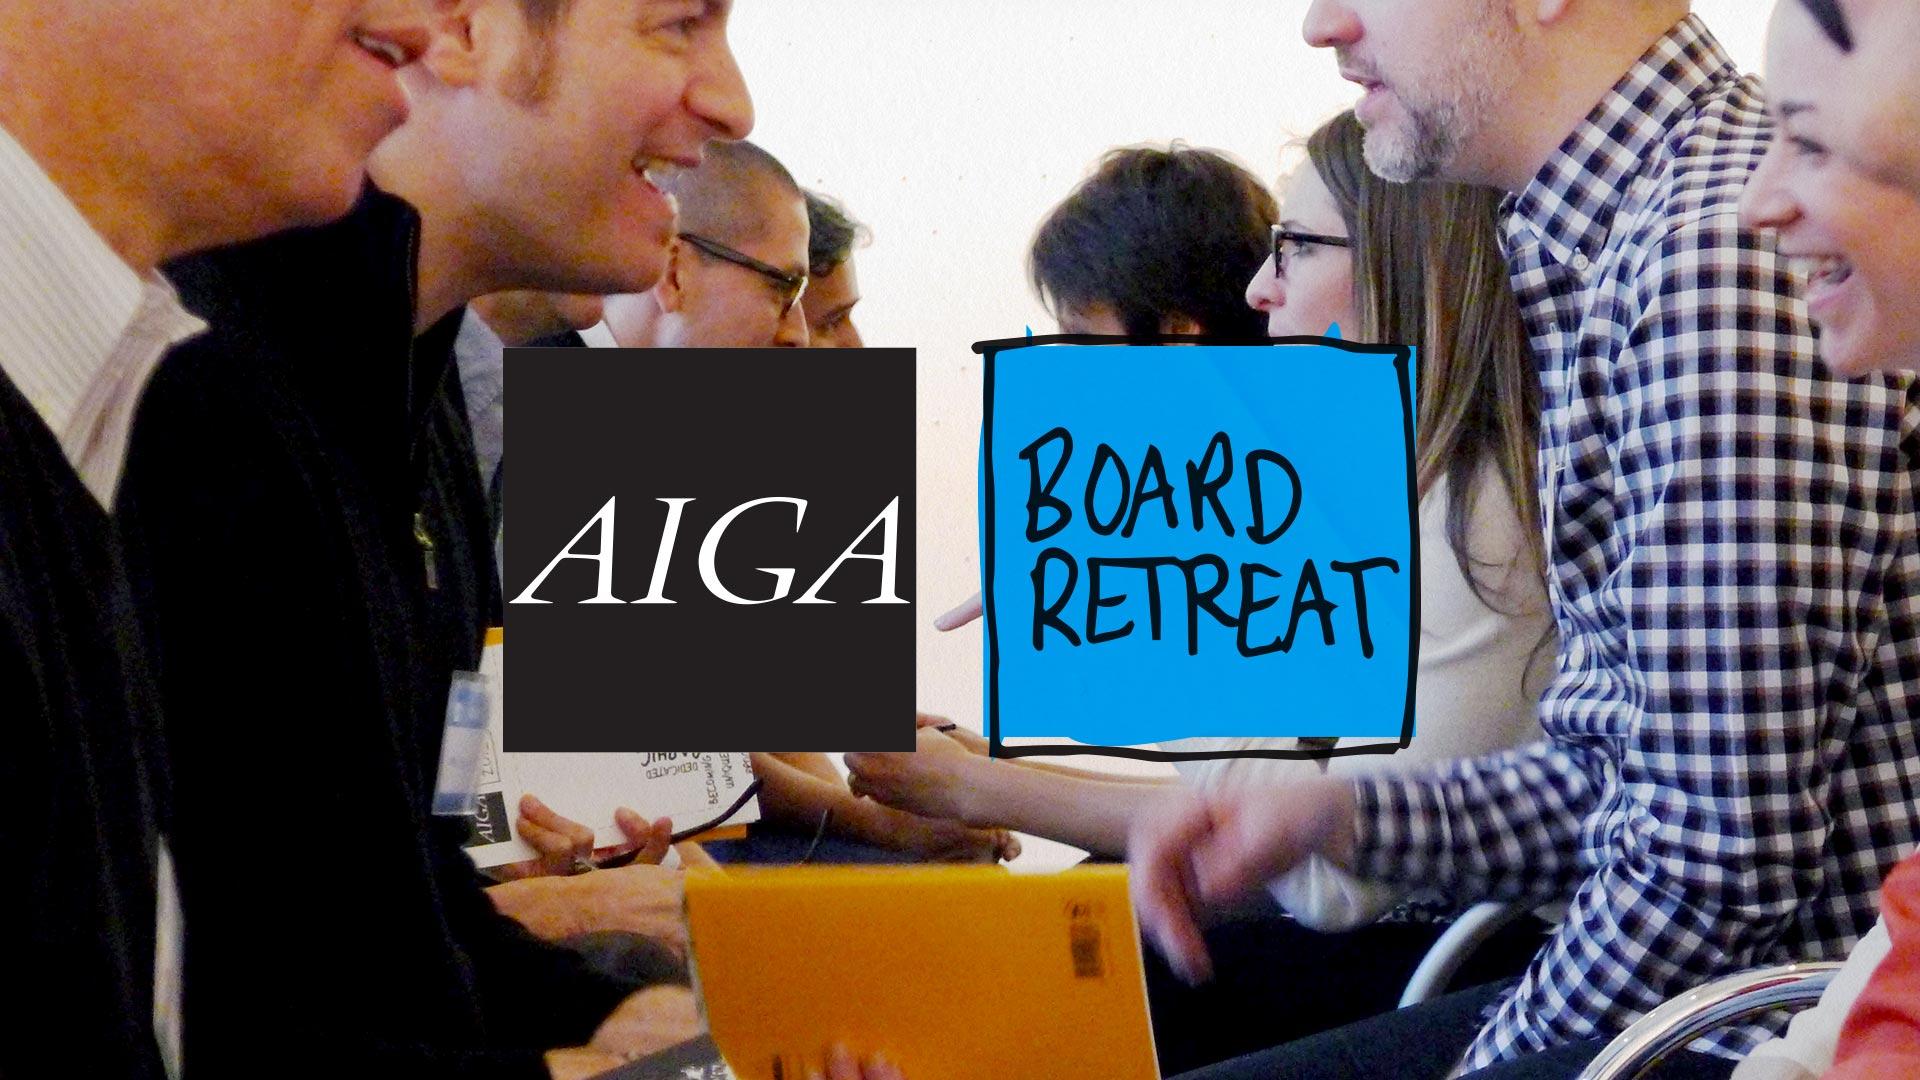 00A_CaseStudy_aiga_v0_1_gg_1.jpg